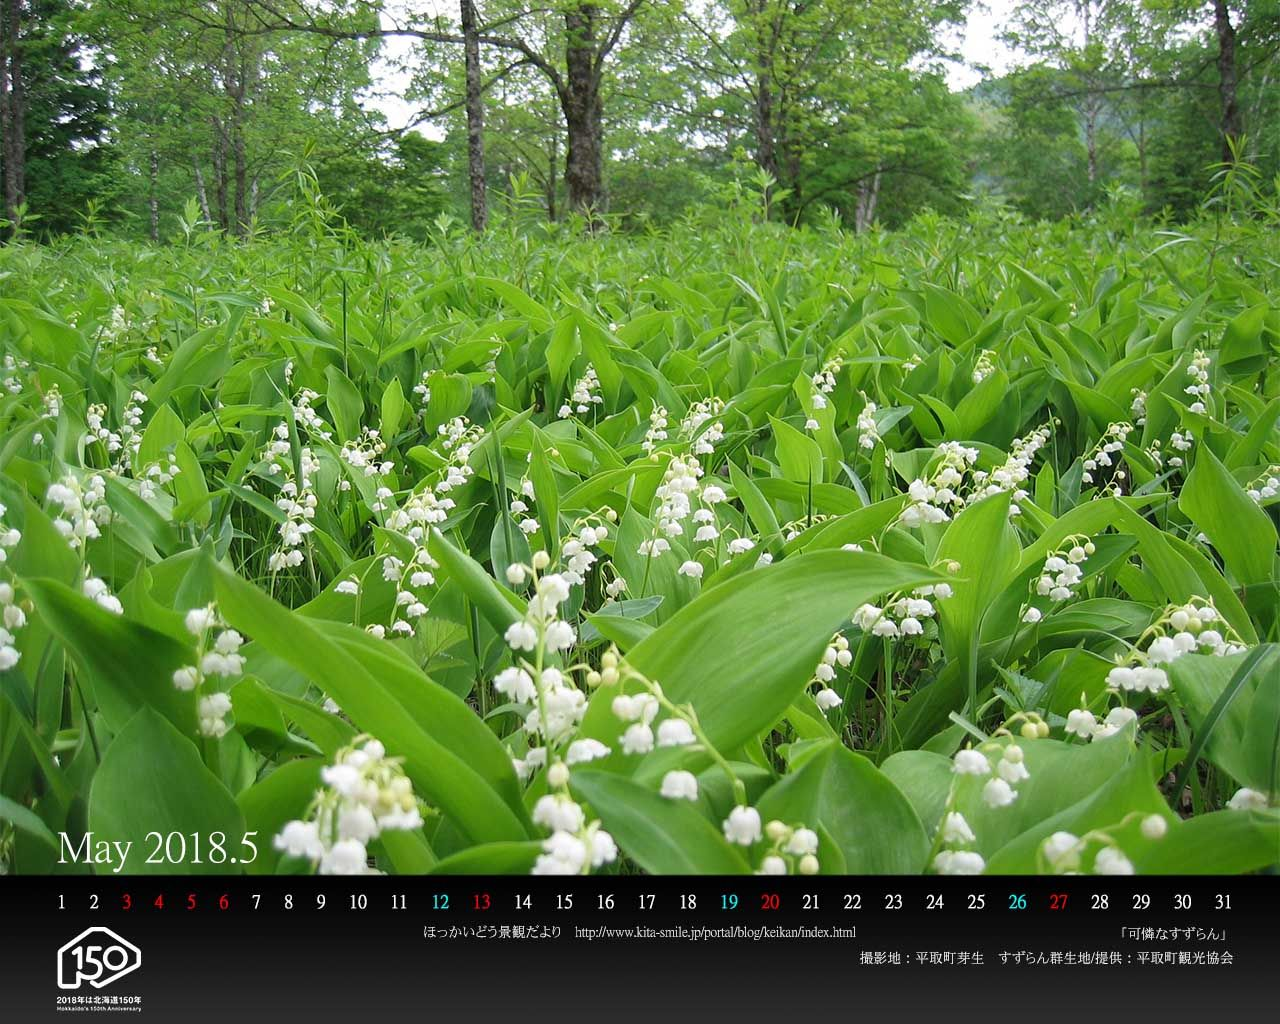 5月は平取町です pc壁紙カレンダーを配布しています